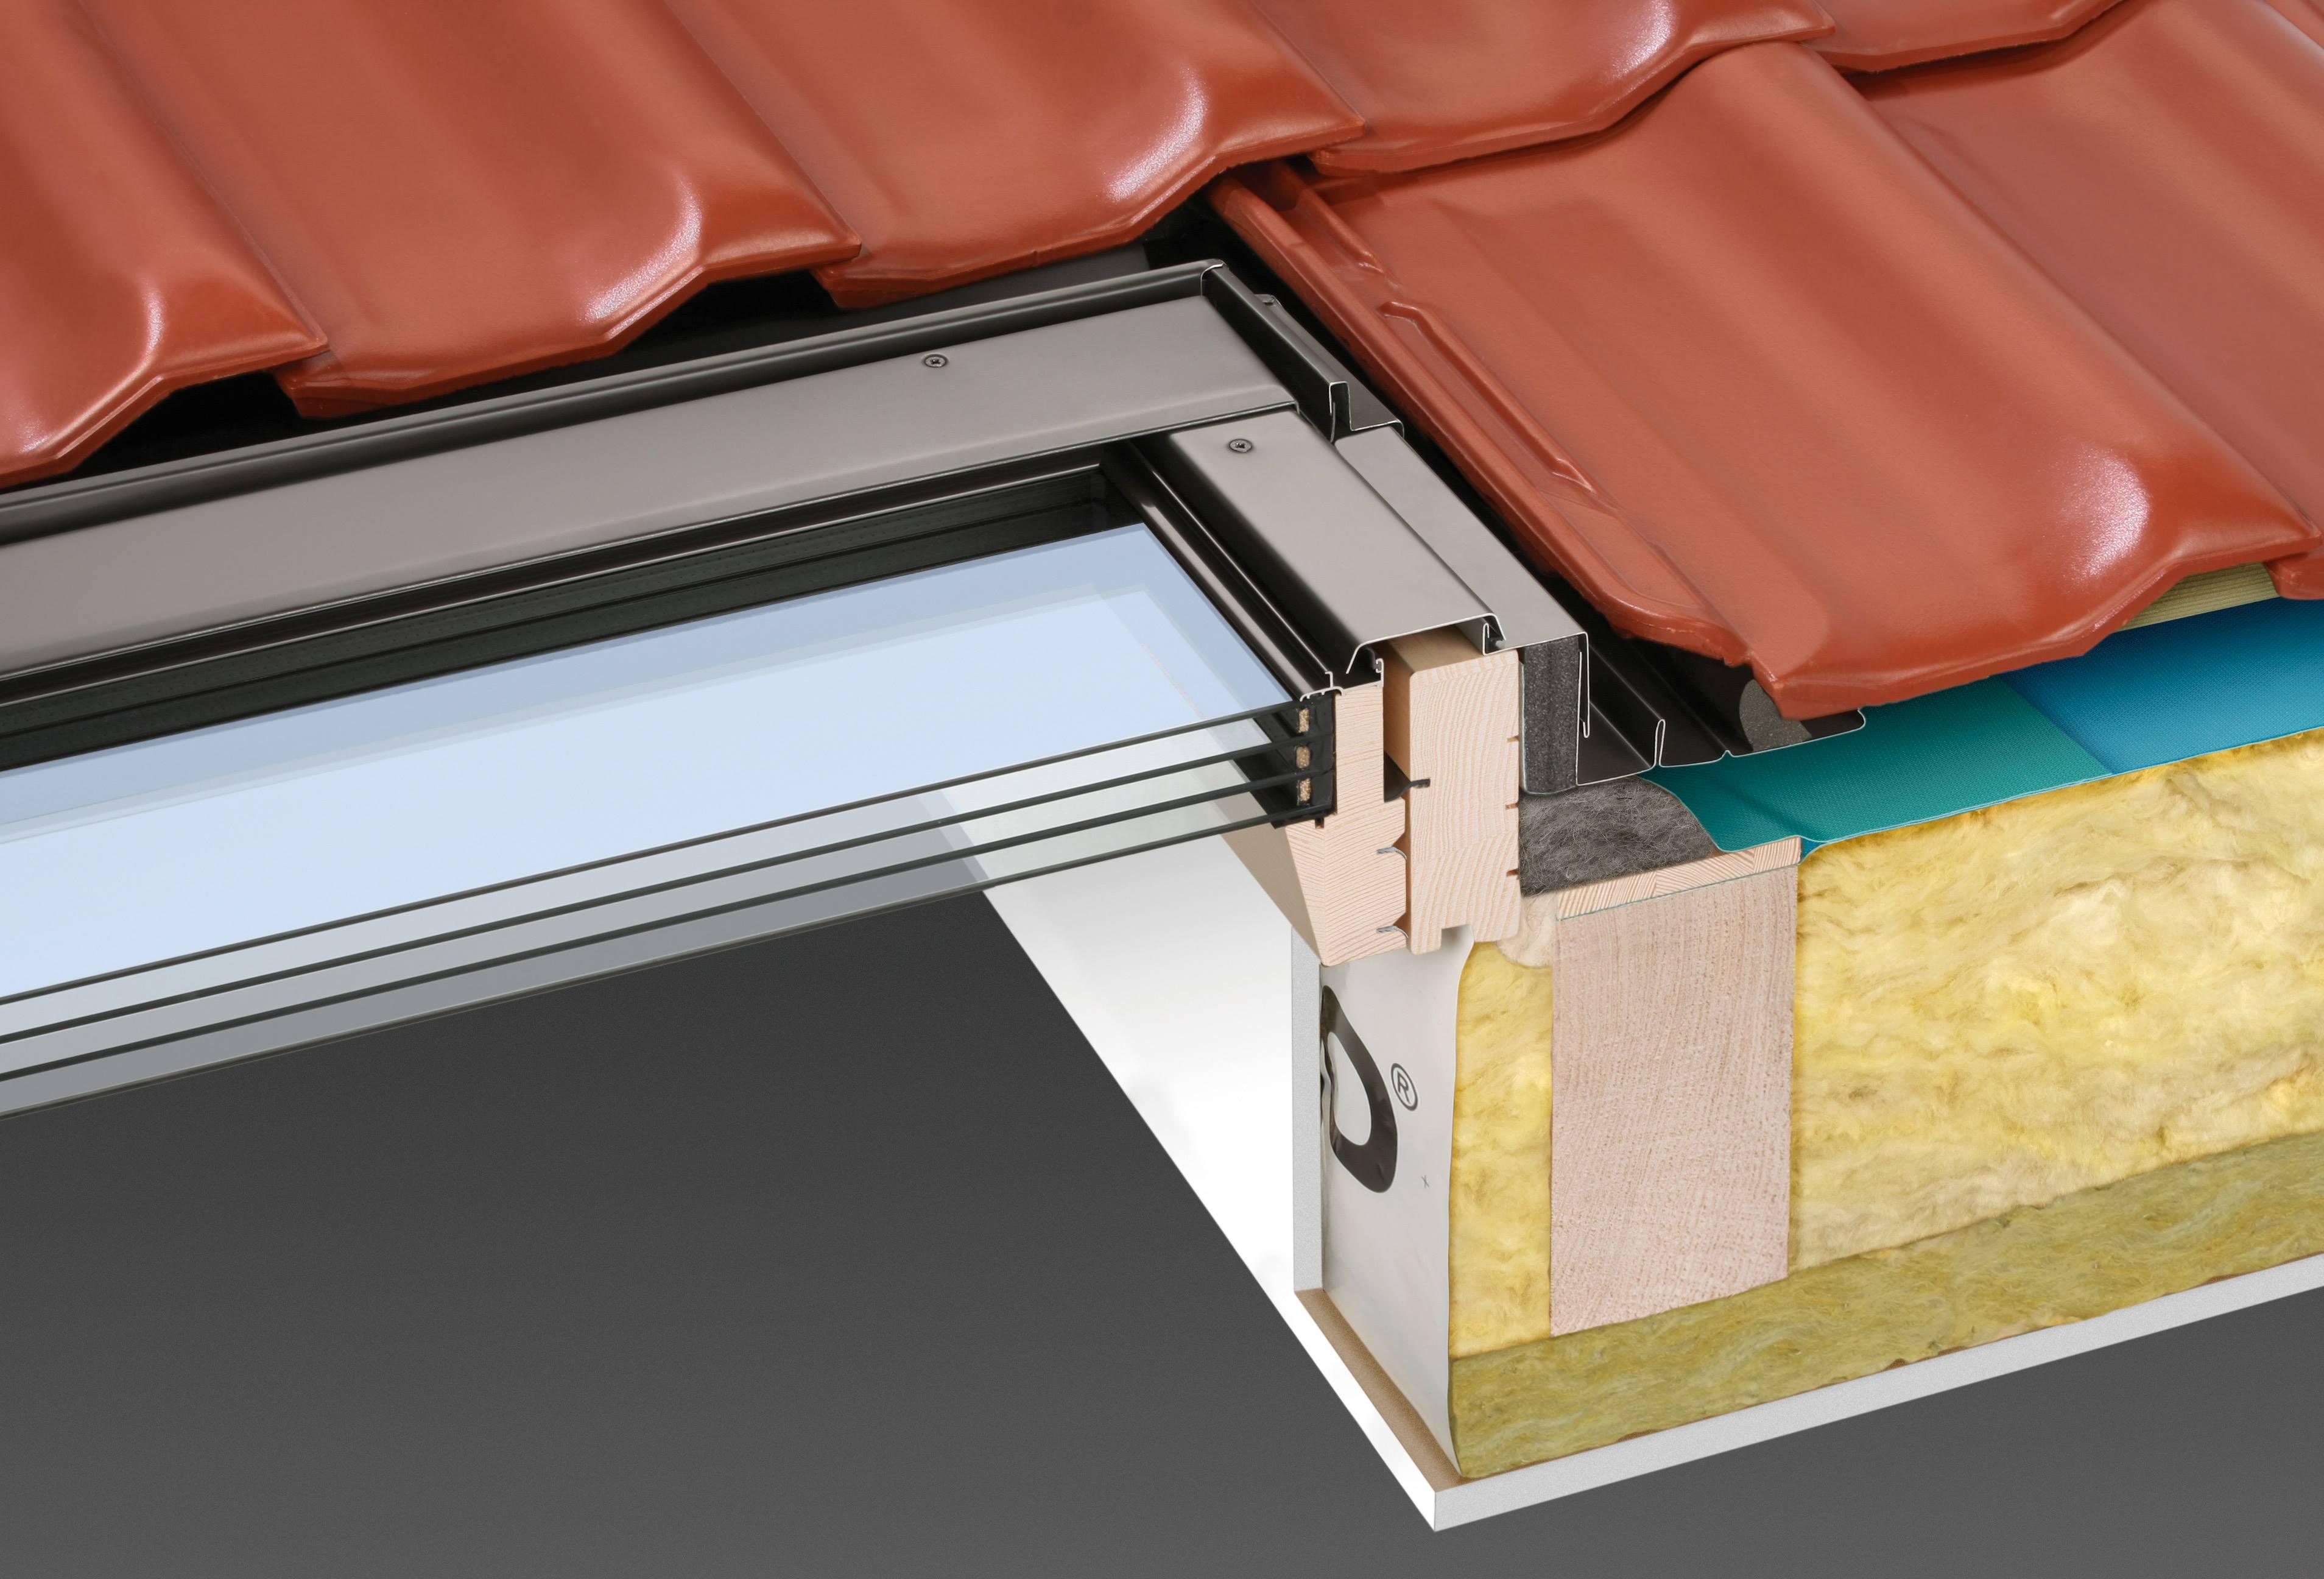 Fakro a klimahouse 2016 puntando sulle finestre da tetto for Finestre fakro